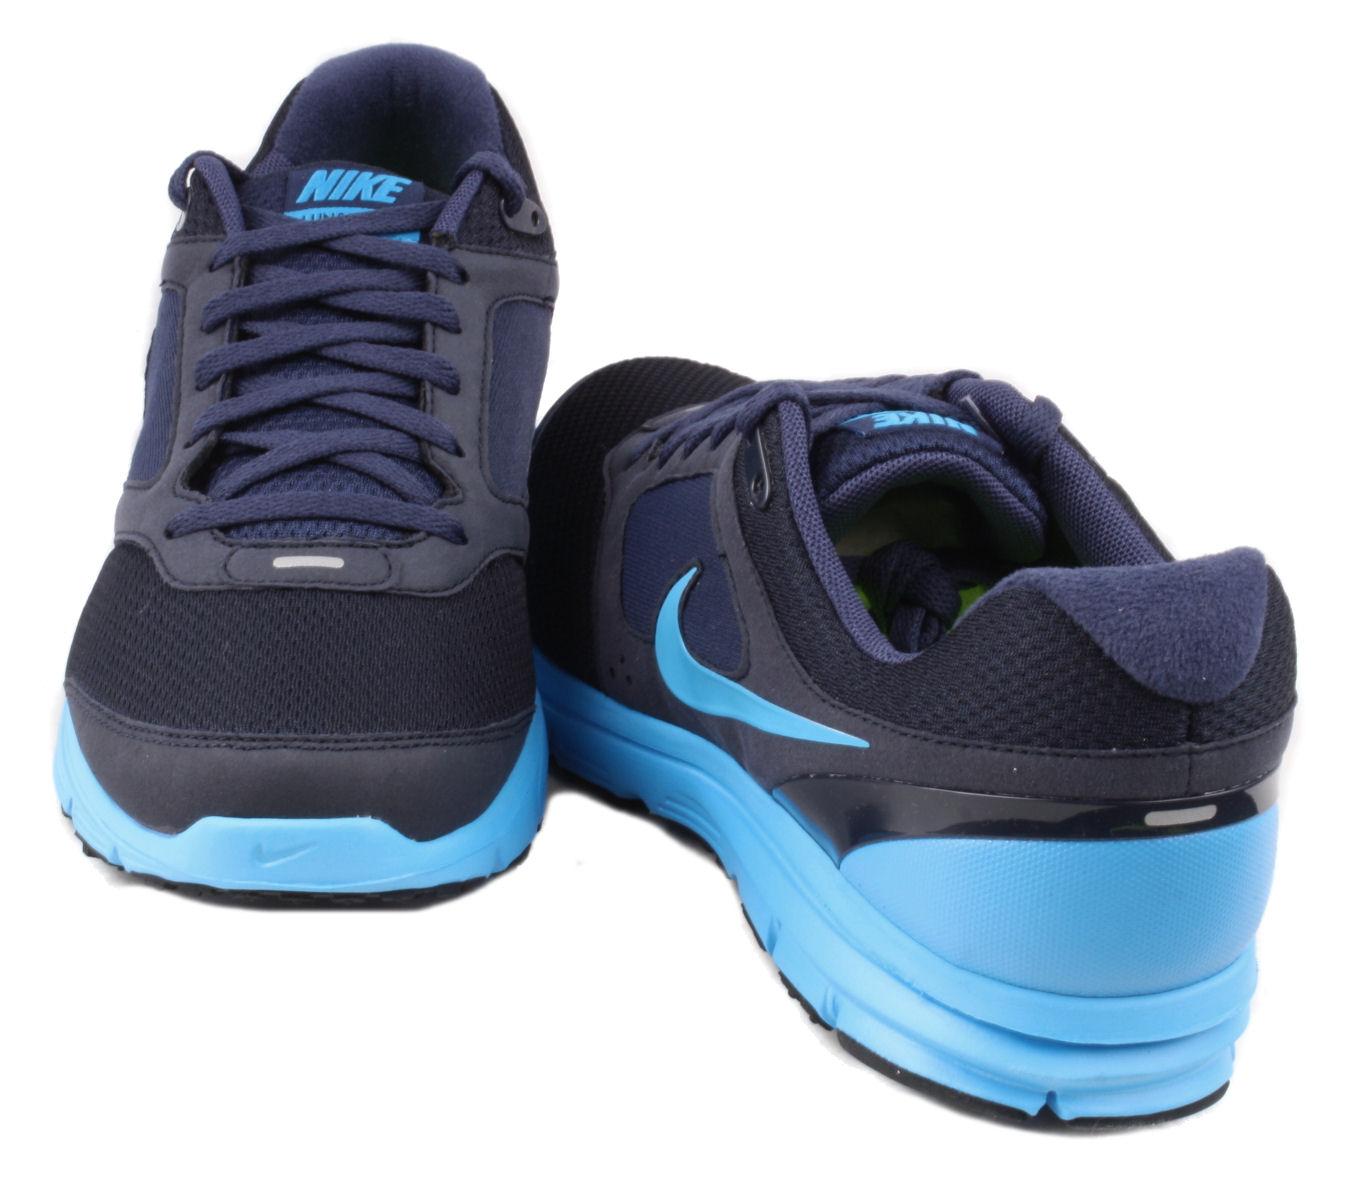 Nike Lunarfly +2 para hombre Negro/Voltio/athracite Blanco o